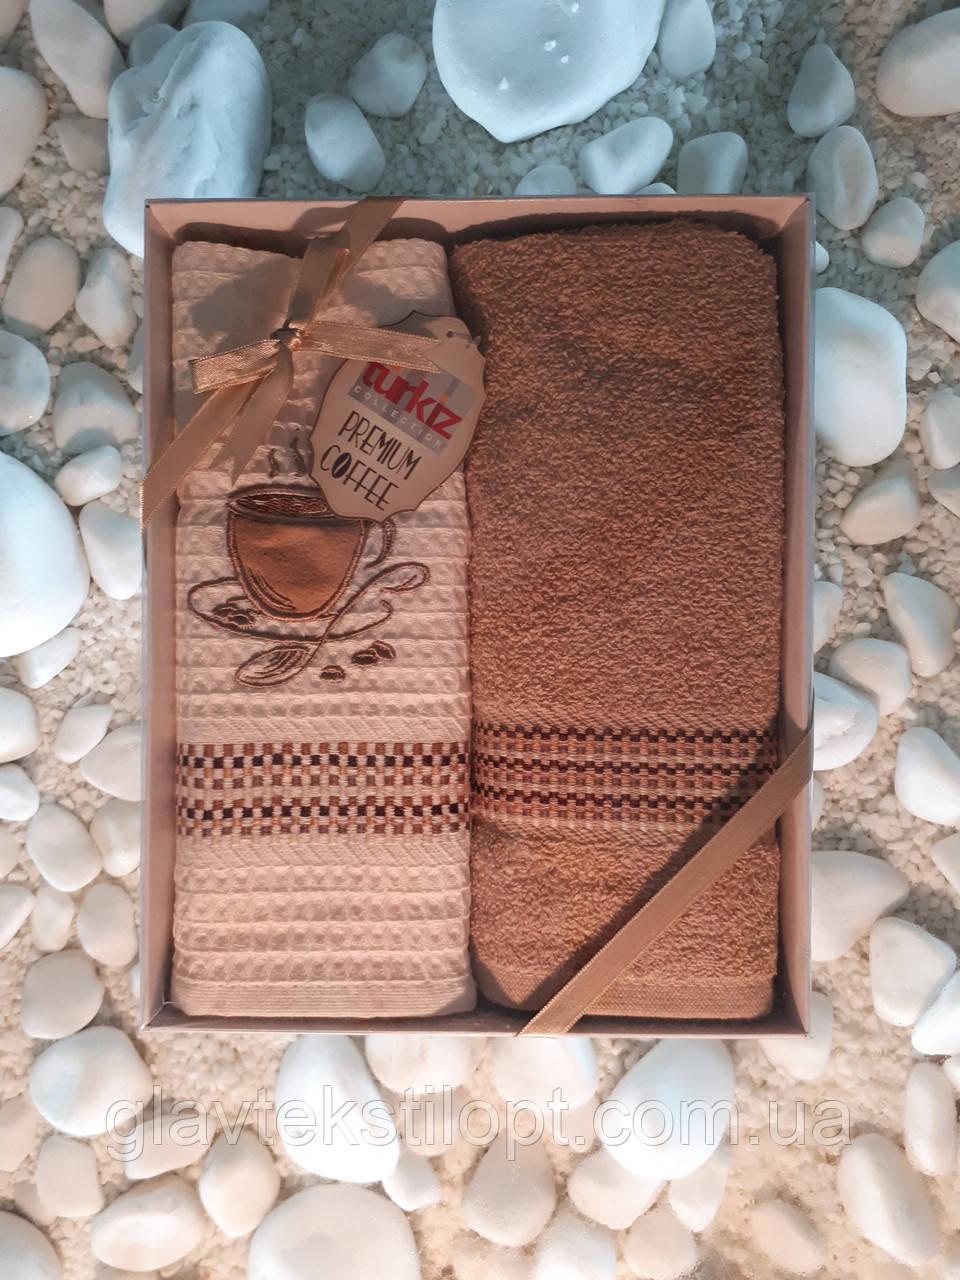 Подарочный набор полотенец 50*70 Turkiz (2 шт)Турция